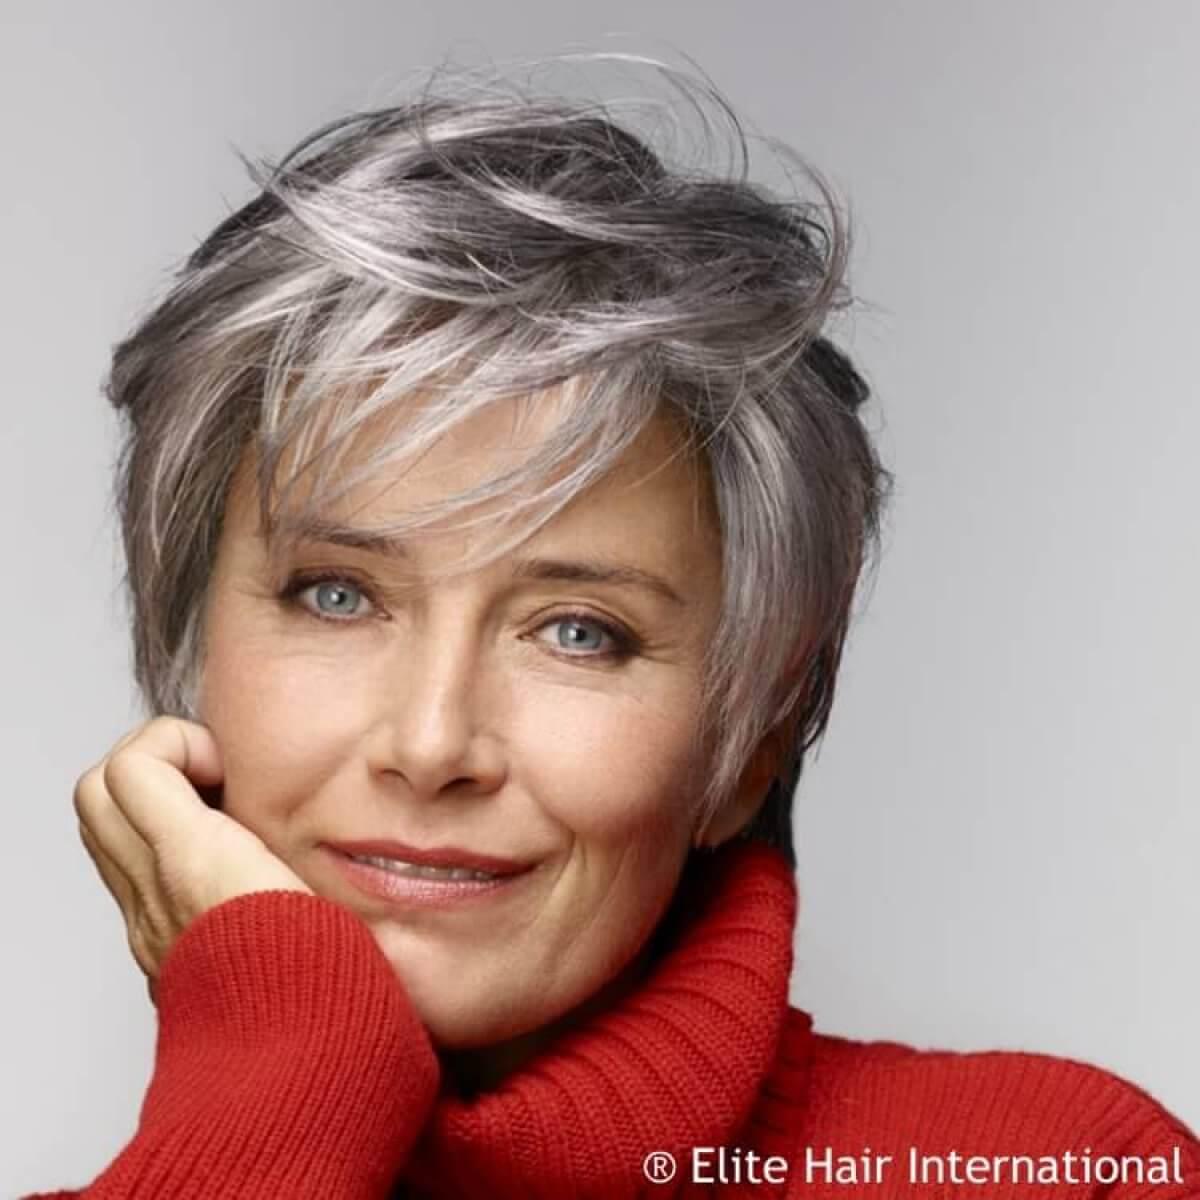 Les prothèses capillaires Elite Hair International